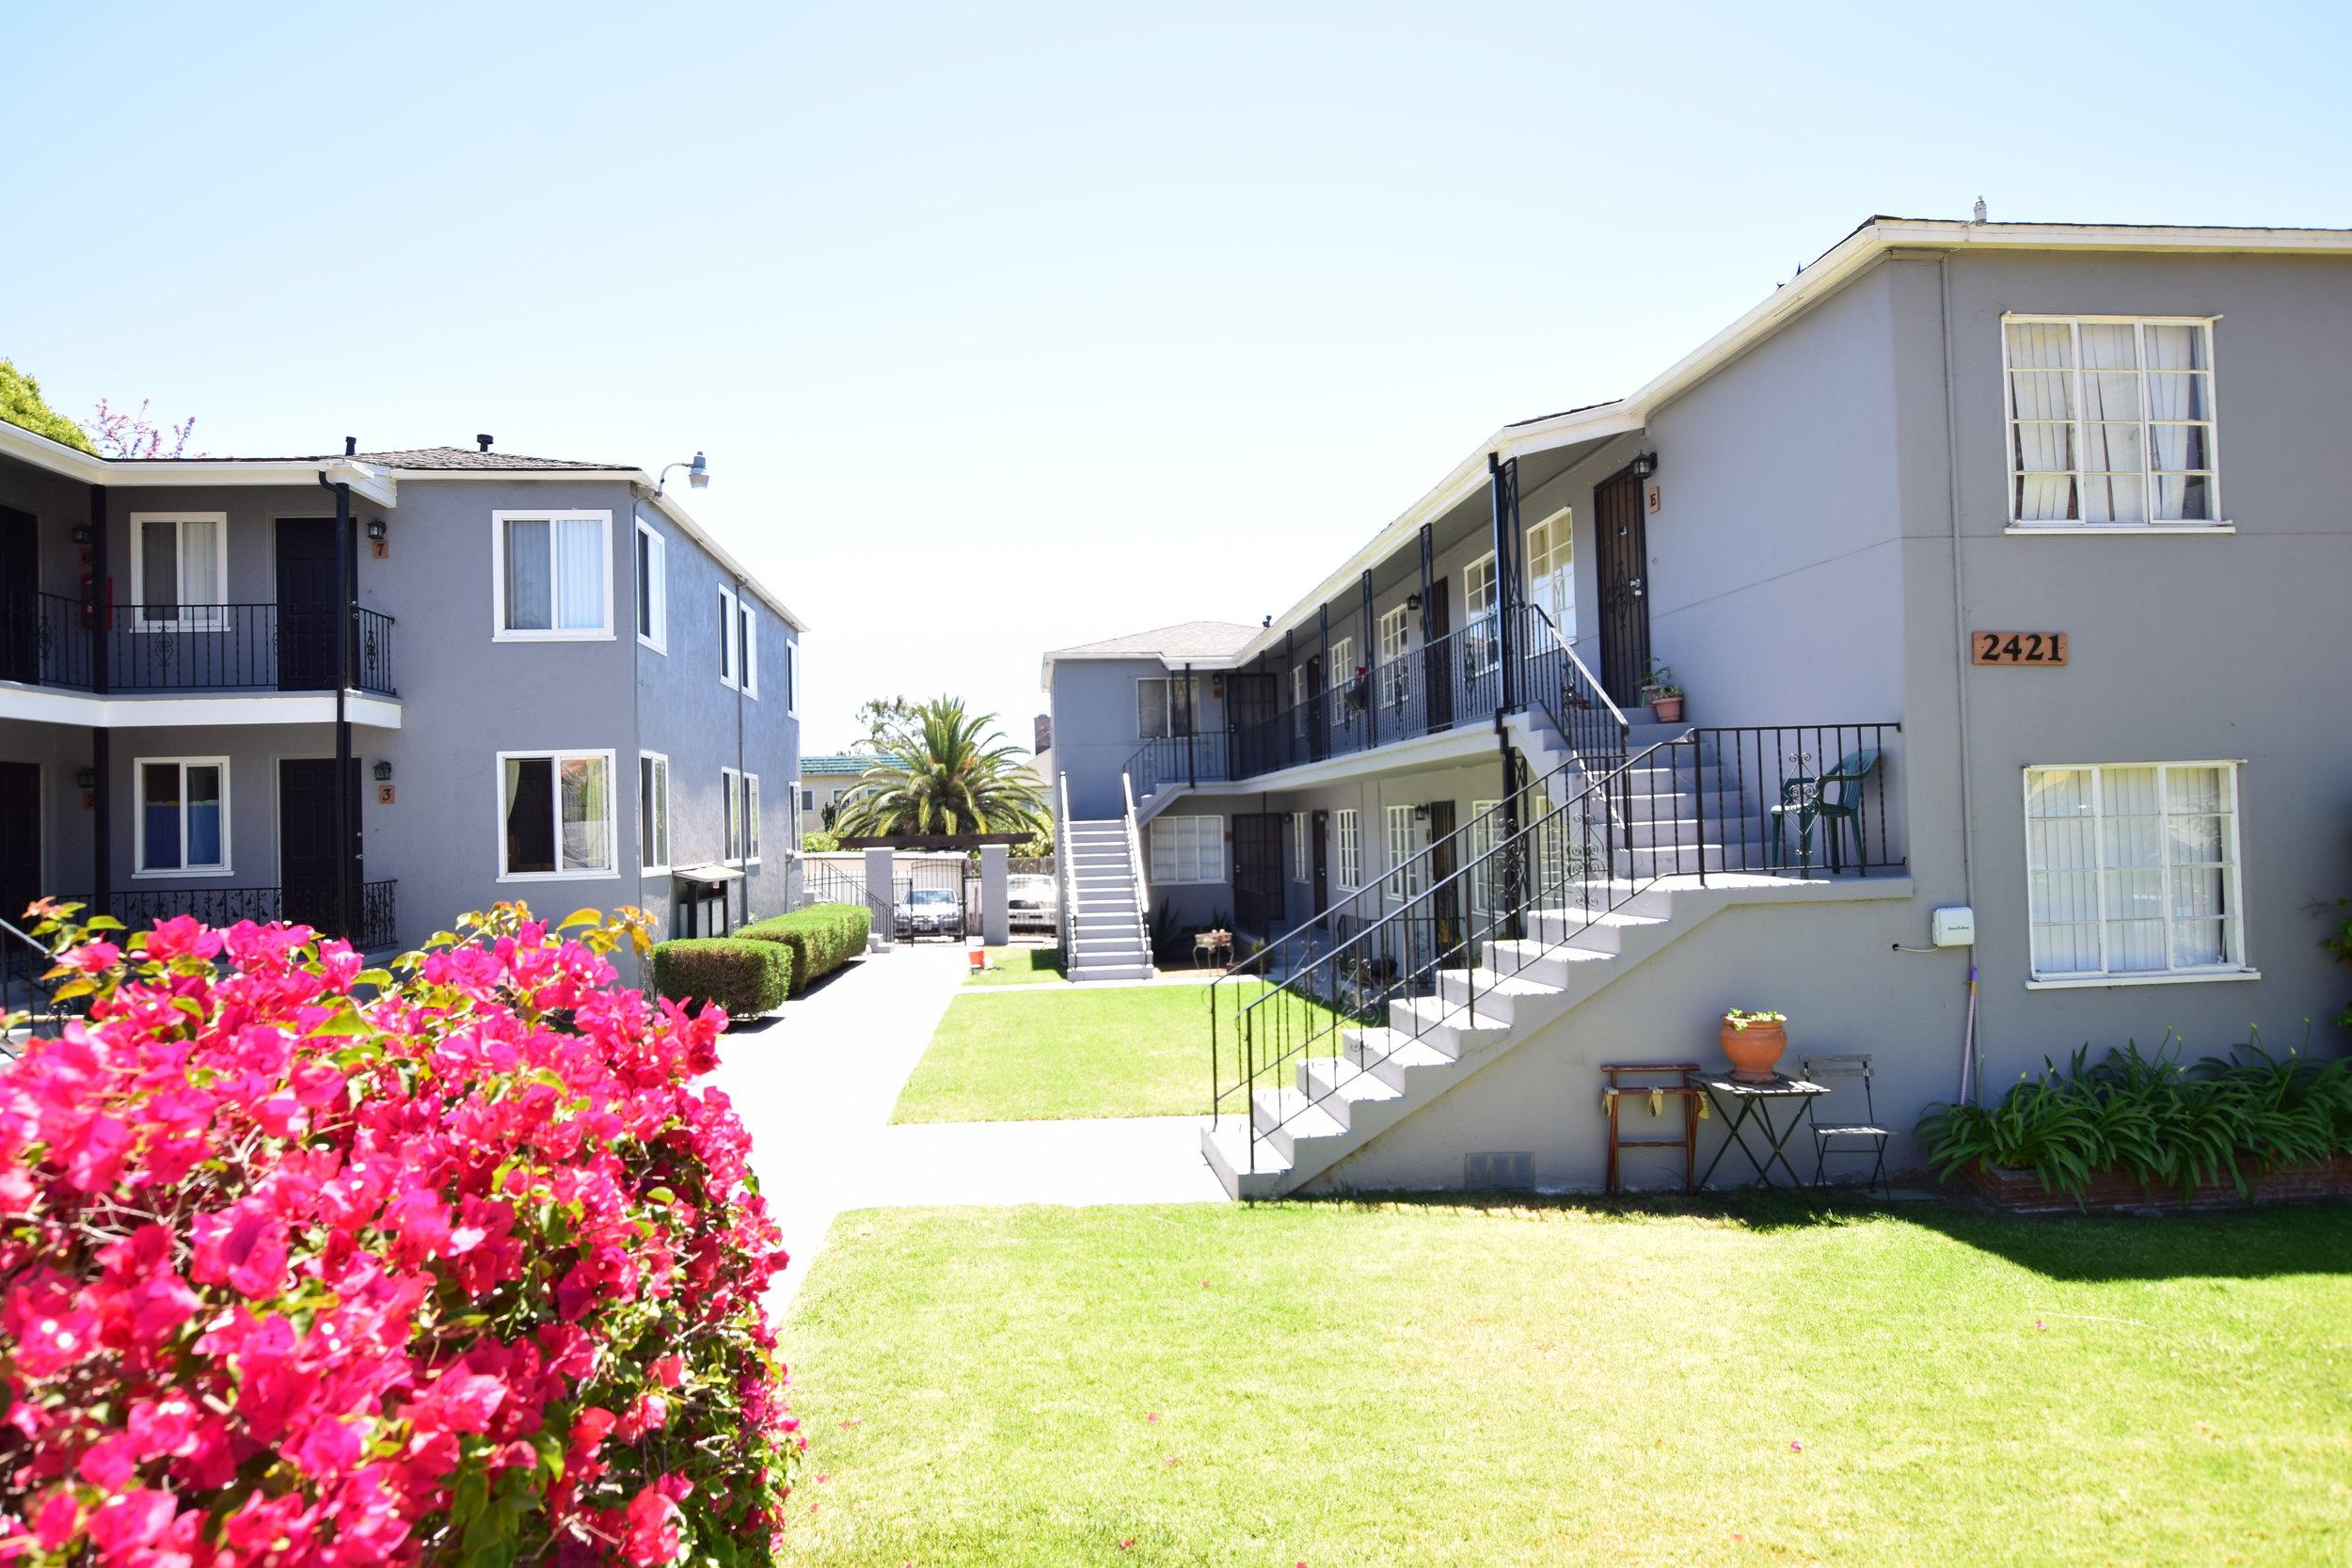 2421 E Street - Golden Hill20 Units$2,985,000